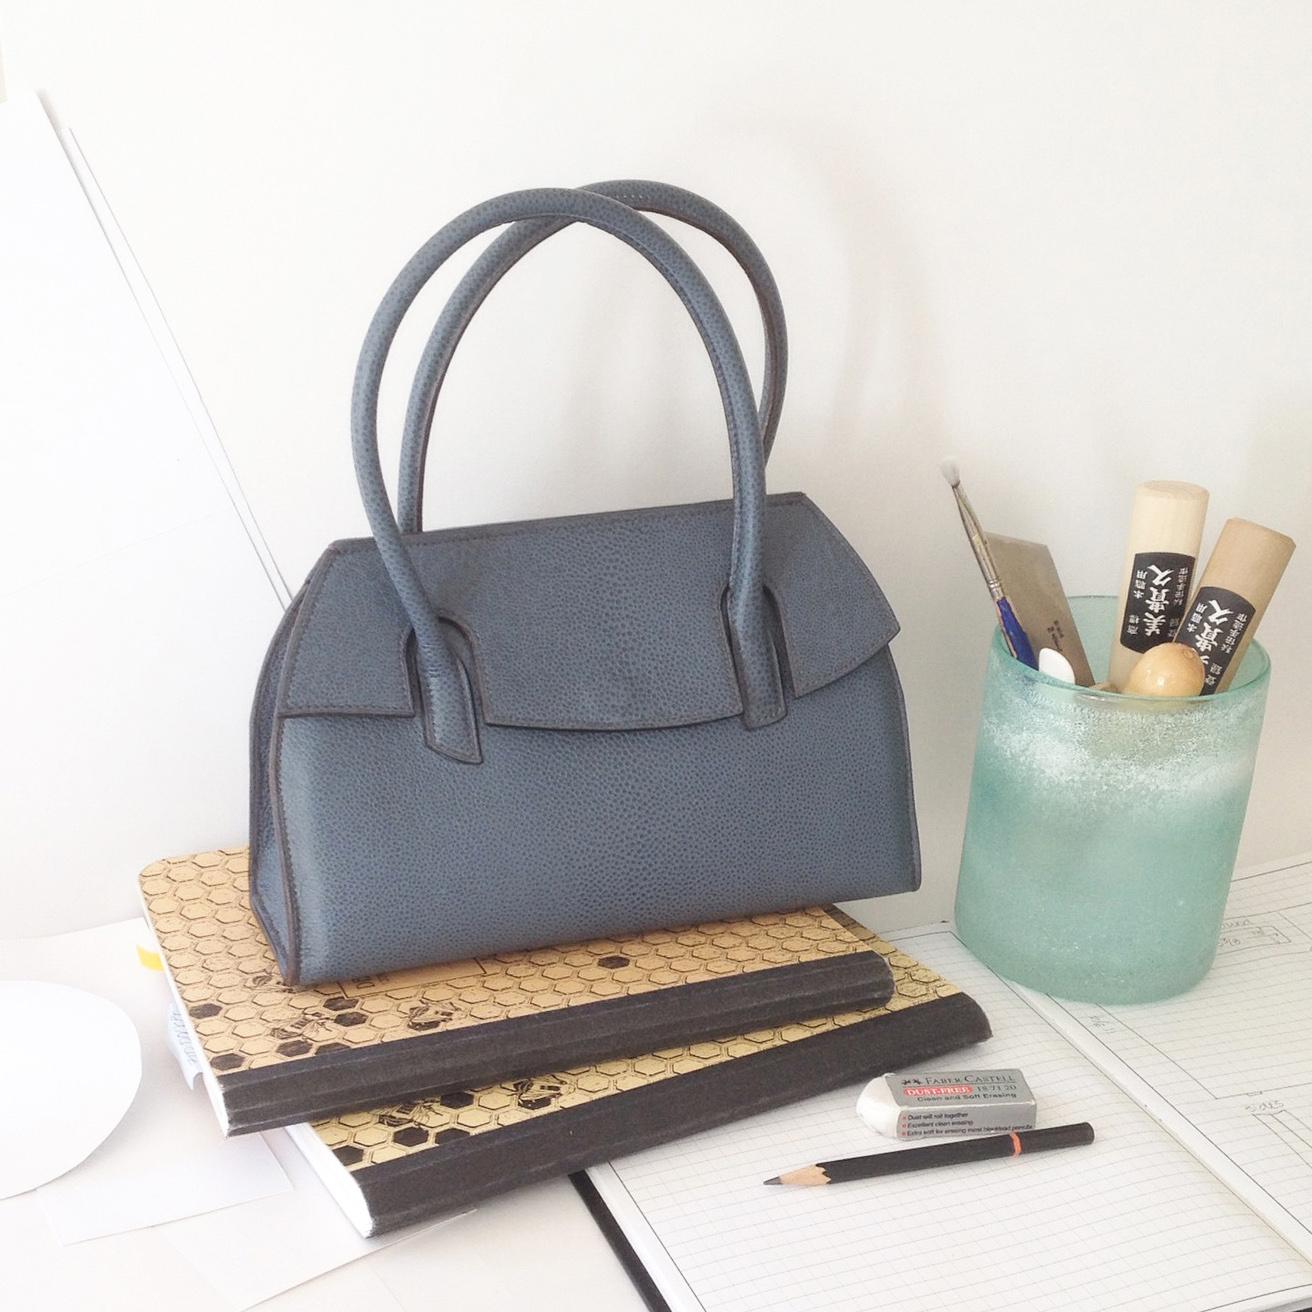 kenzastudio-school-project-structured-bag.JPG